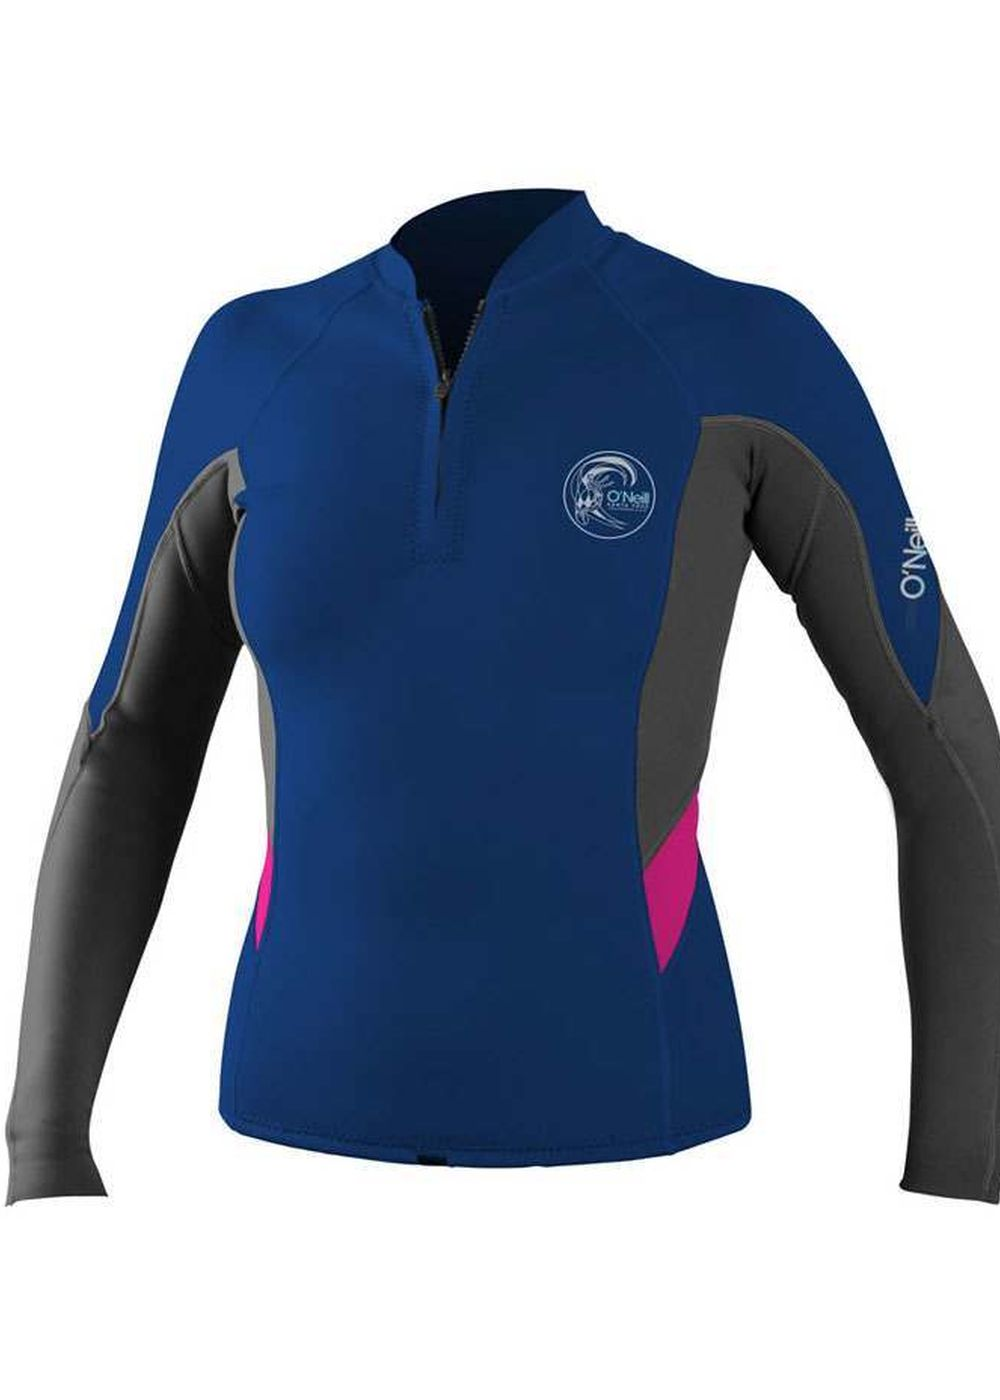 Oneill Womens Bahia Half Zip Wetsuit Jacket Colgr Picture